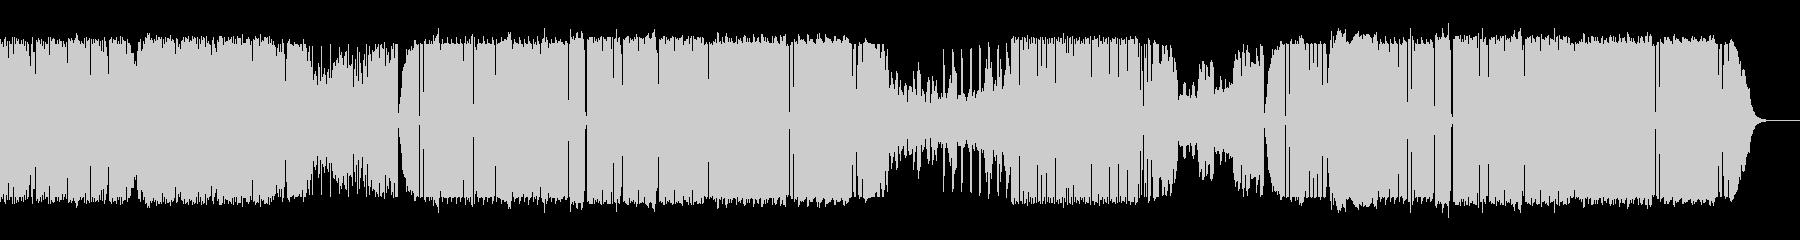 歪んだベースが特徴的な四つ打ちの未再生の波形